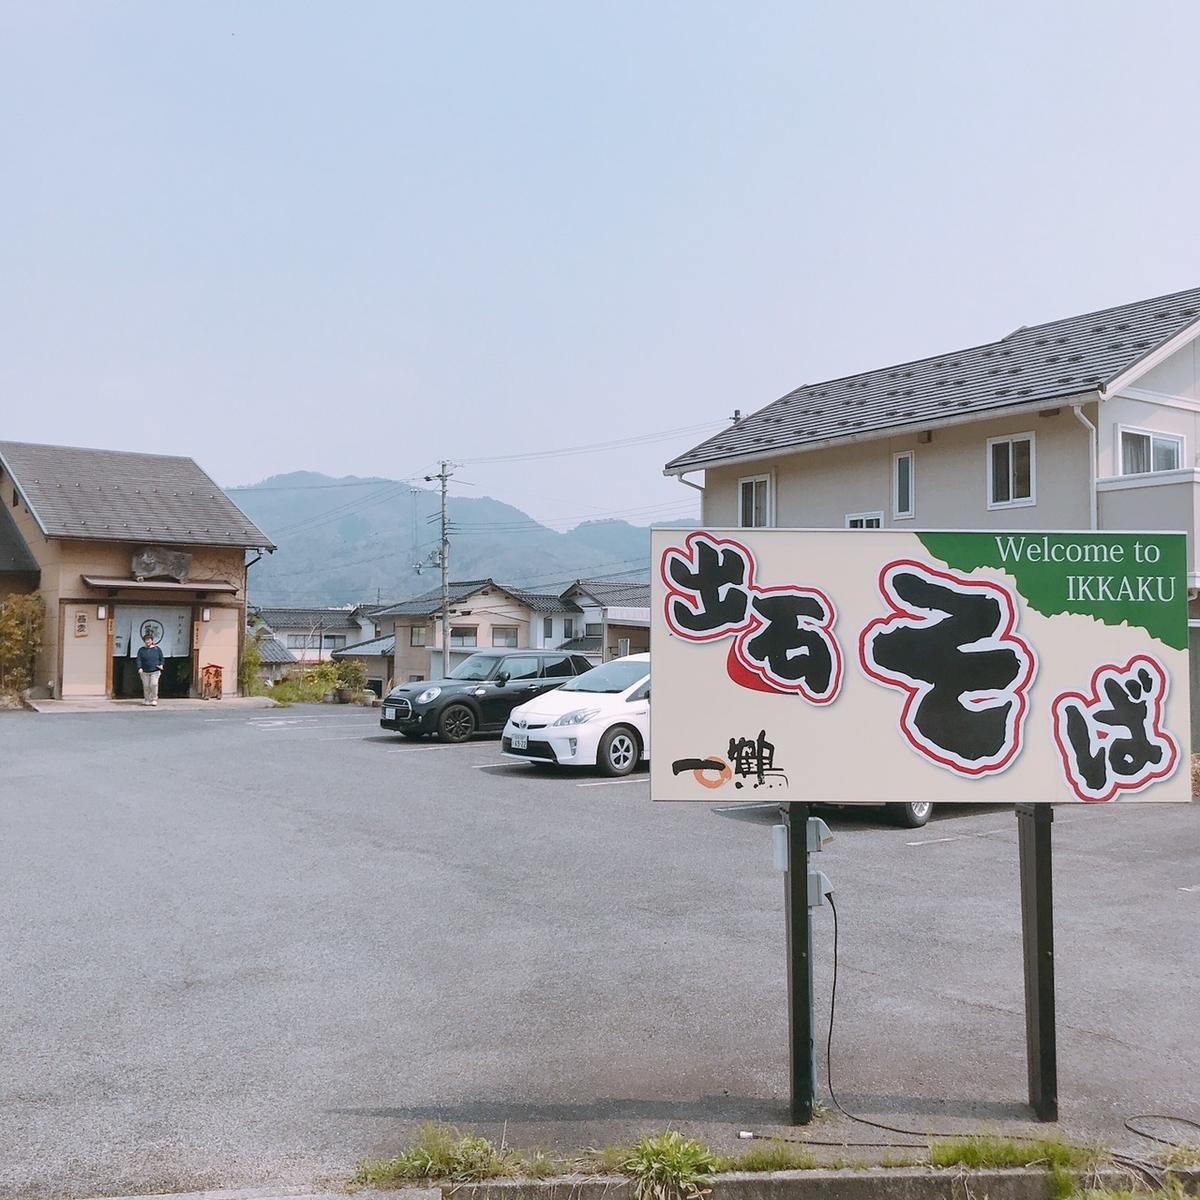 f:id:atsush-atsushi:20190411141044j:plain